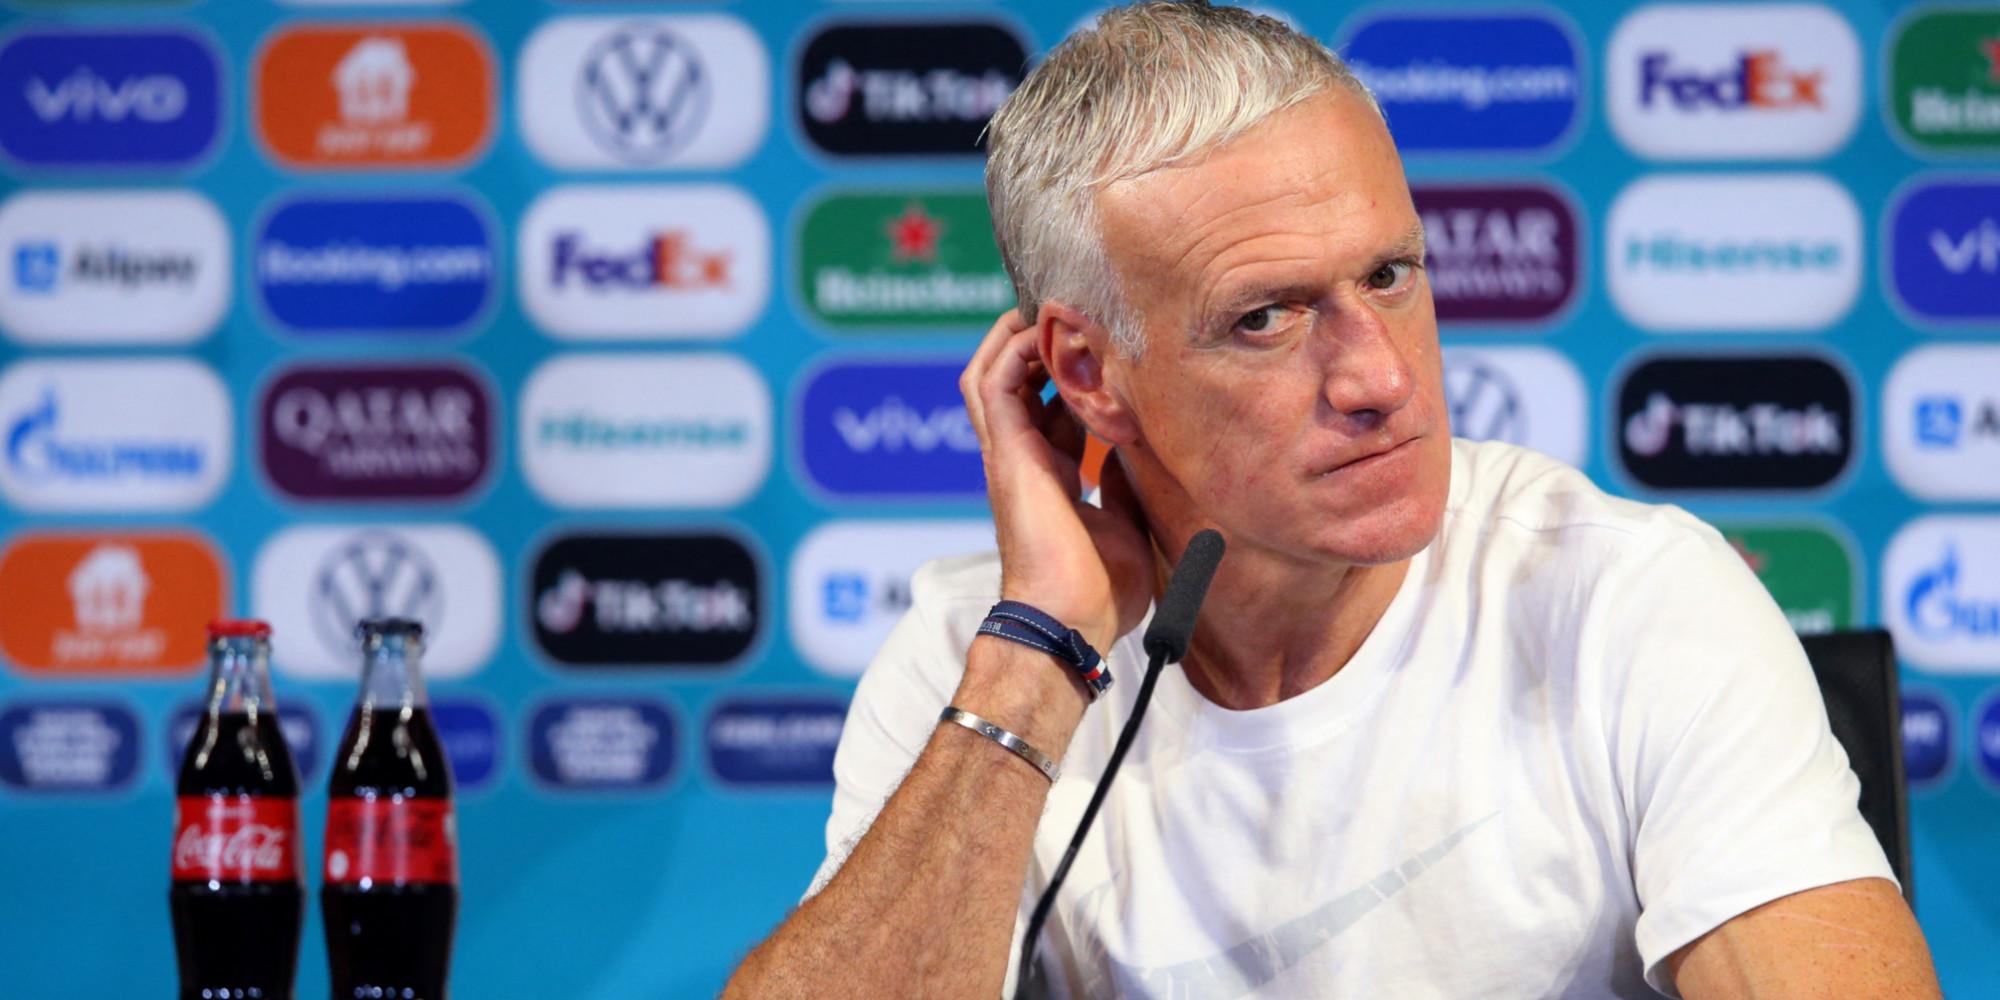 """Deschamps fera-t-il tourner contre la Hongrie à l'Euro ? """"Un résultat à aller chercher, après on pourra calculer"""""""